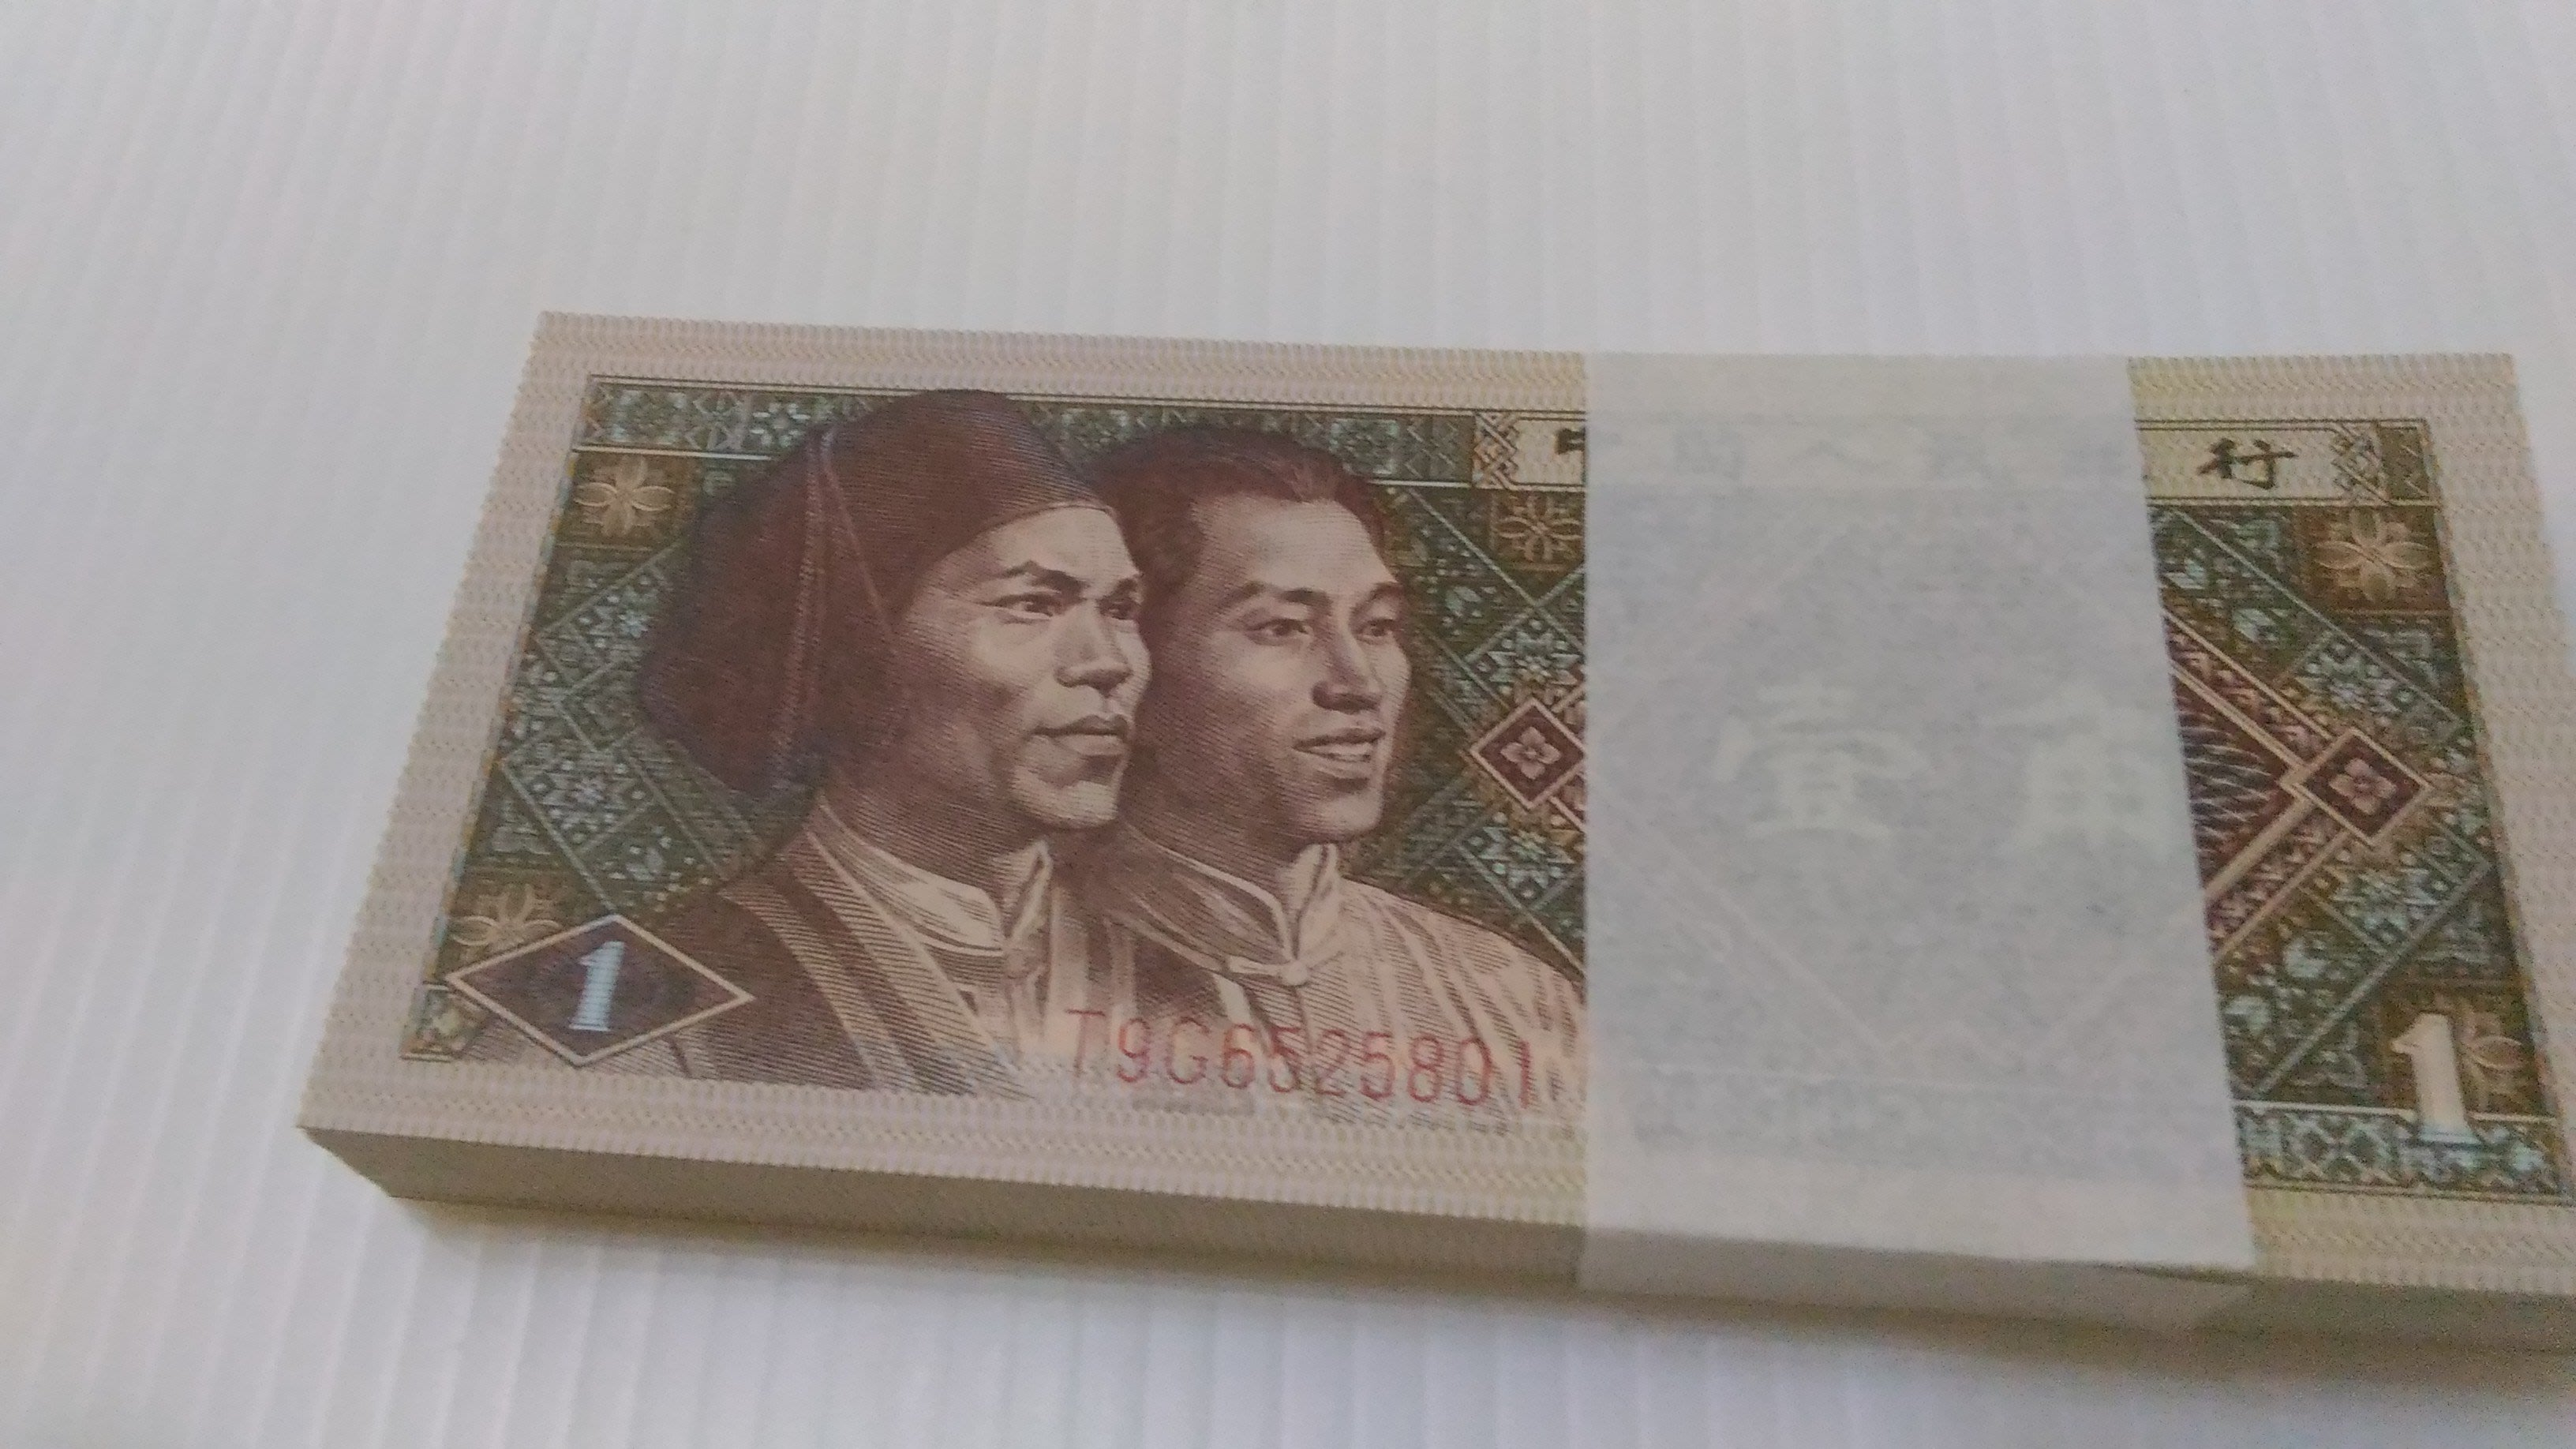 中國大陸人民幣壹角一刀全新無摺一百張編號(T9G65255801-T9G65525900)